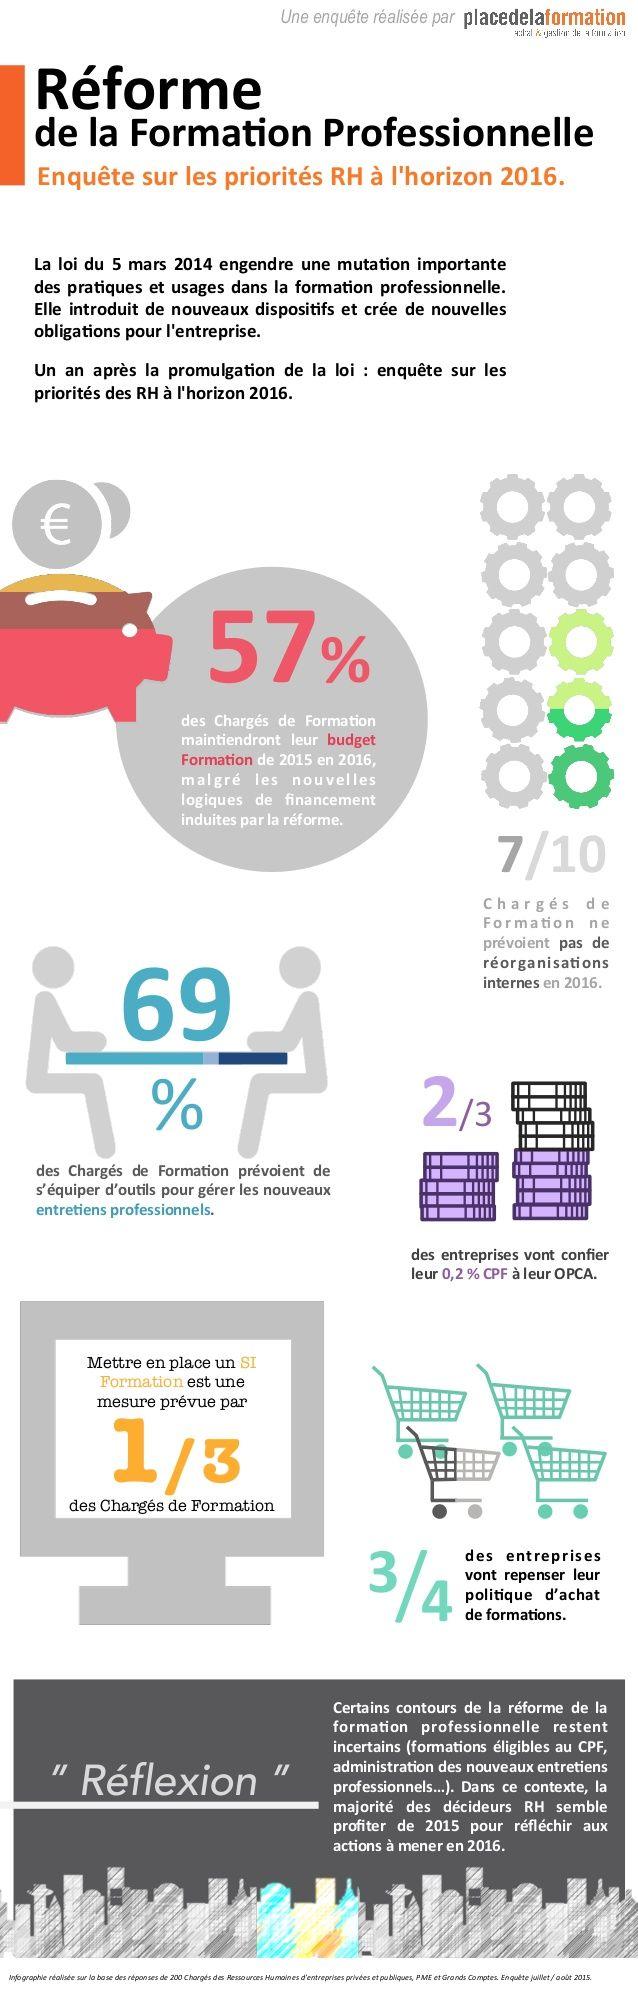 formation professionnelle   les priorit u00e9s des rh pour 2016 en une infographie